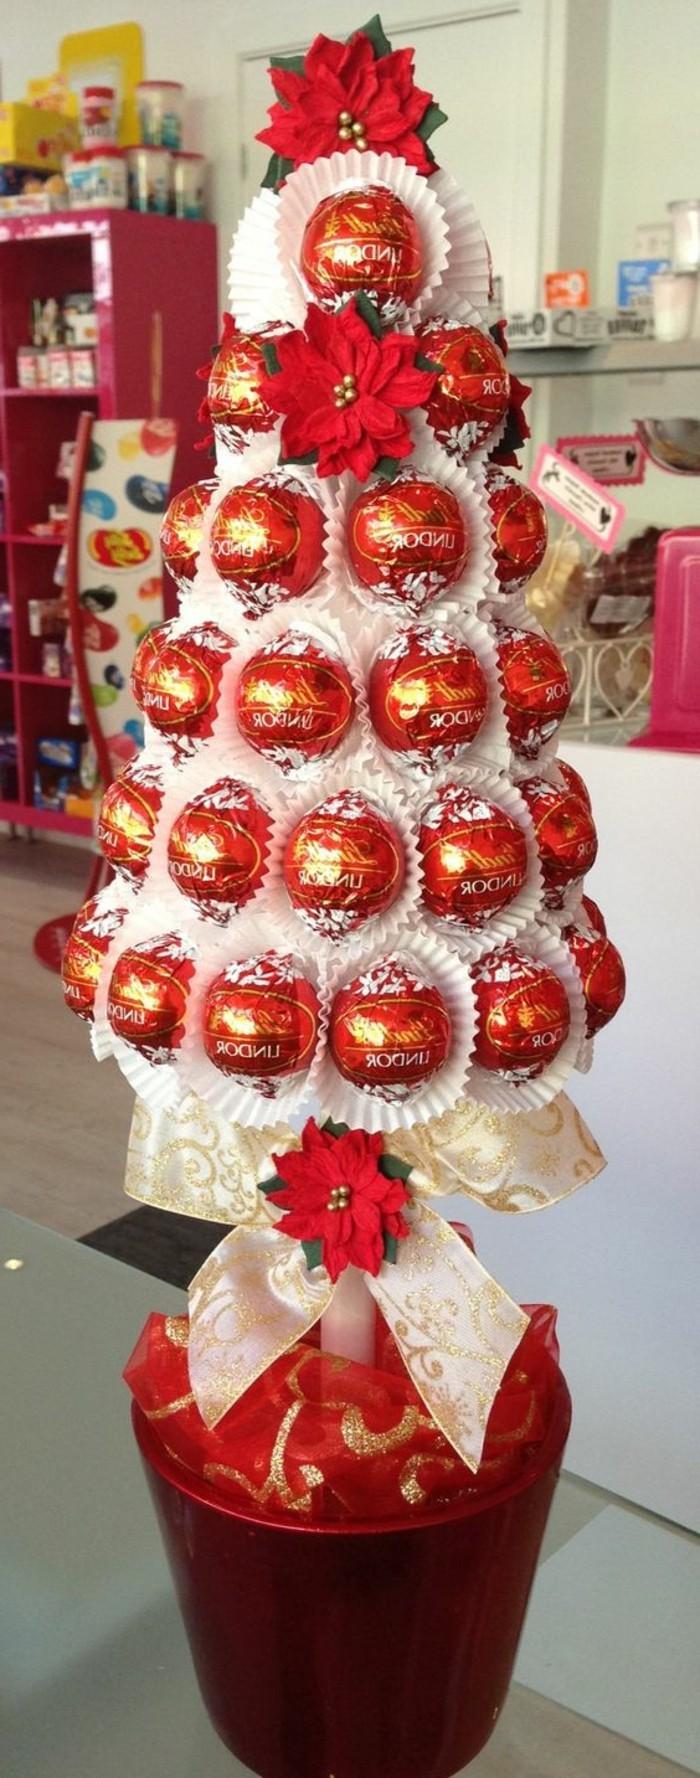 geschenke-aus-der-kuche-lindor-baum-schenken-liebe-praline